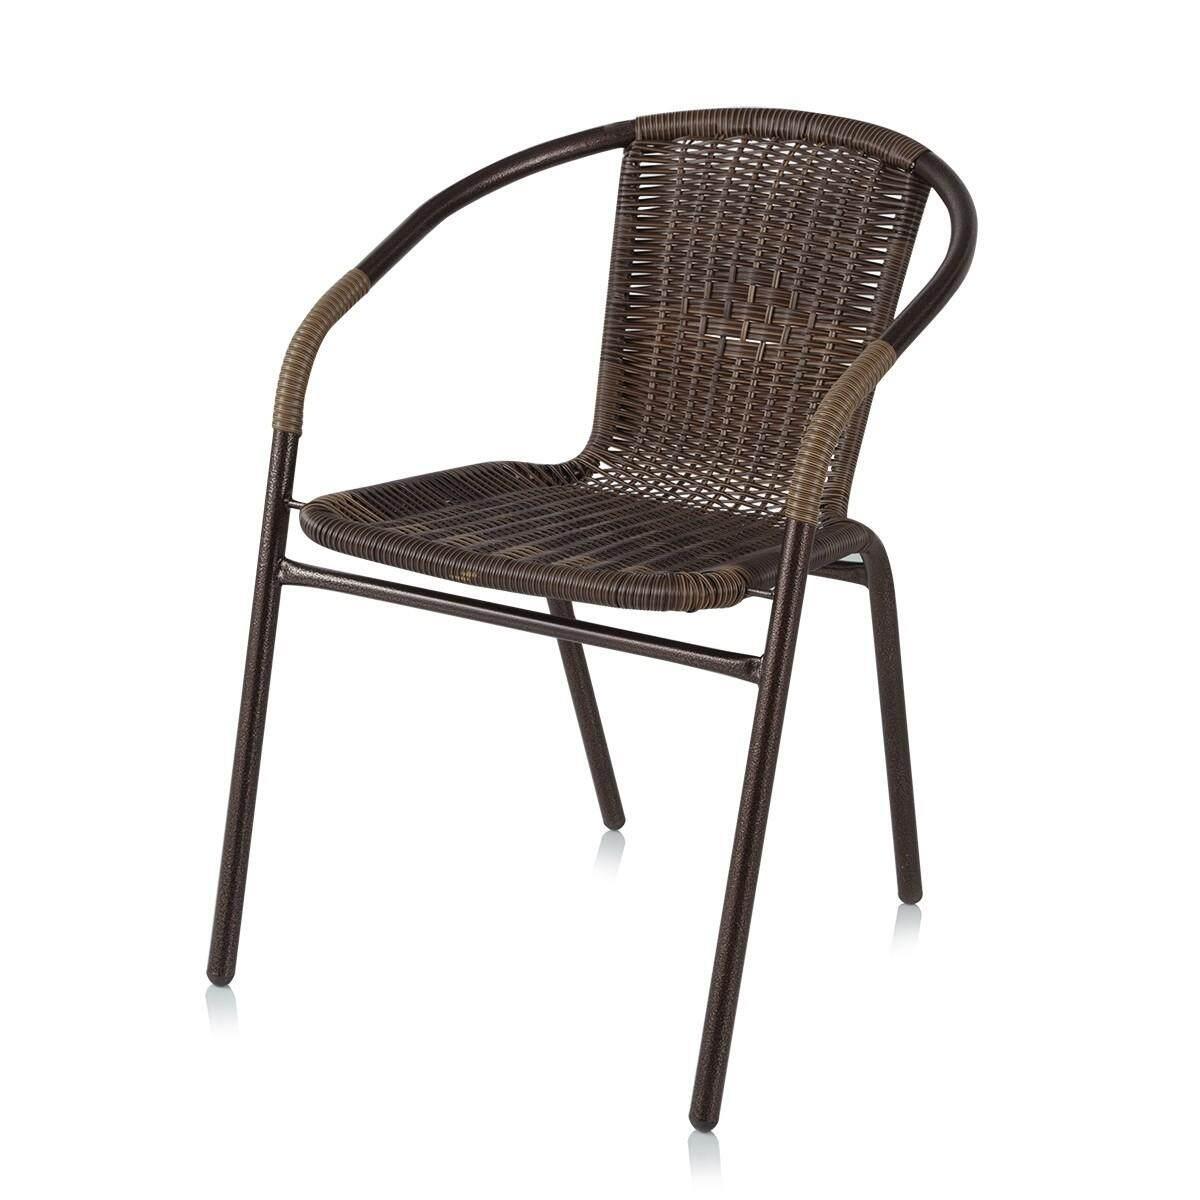 Heap เก้าอี้เหล็กสานหวายเทียม รุ่น Sc037 สีน้ำตาล.